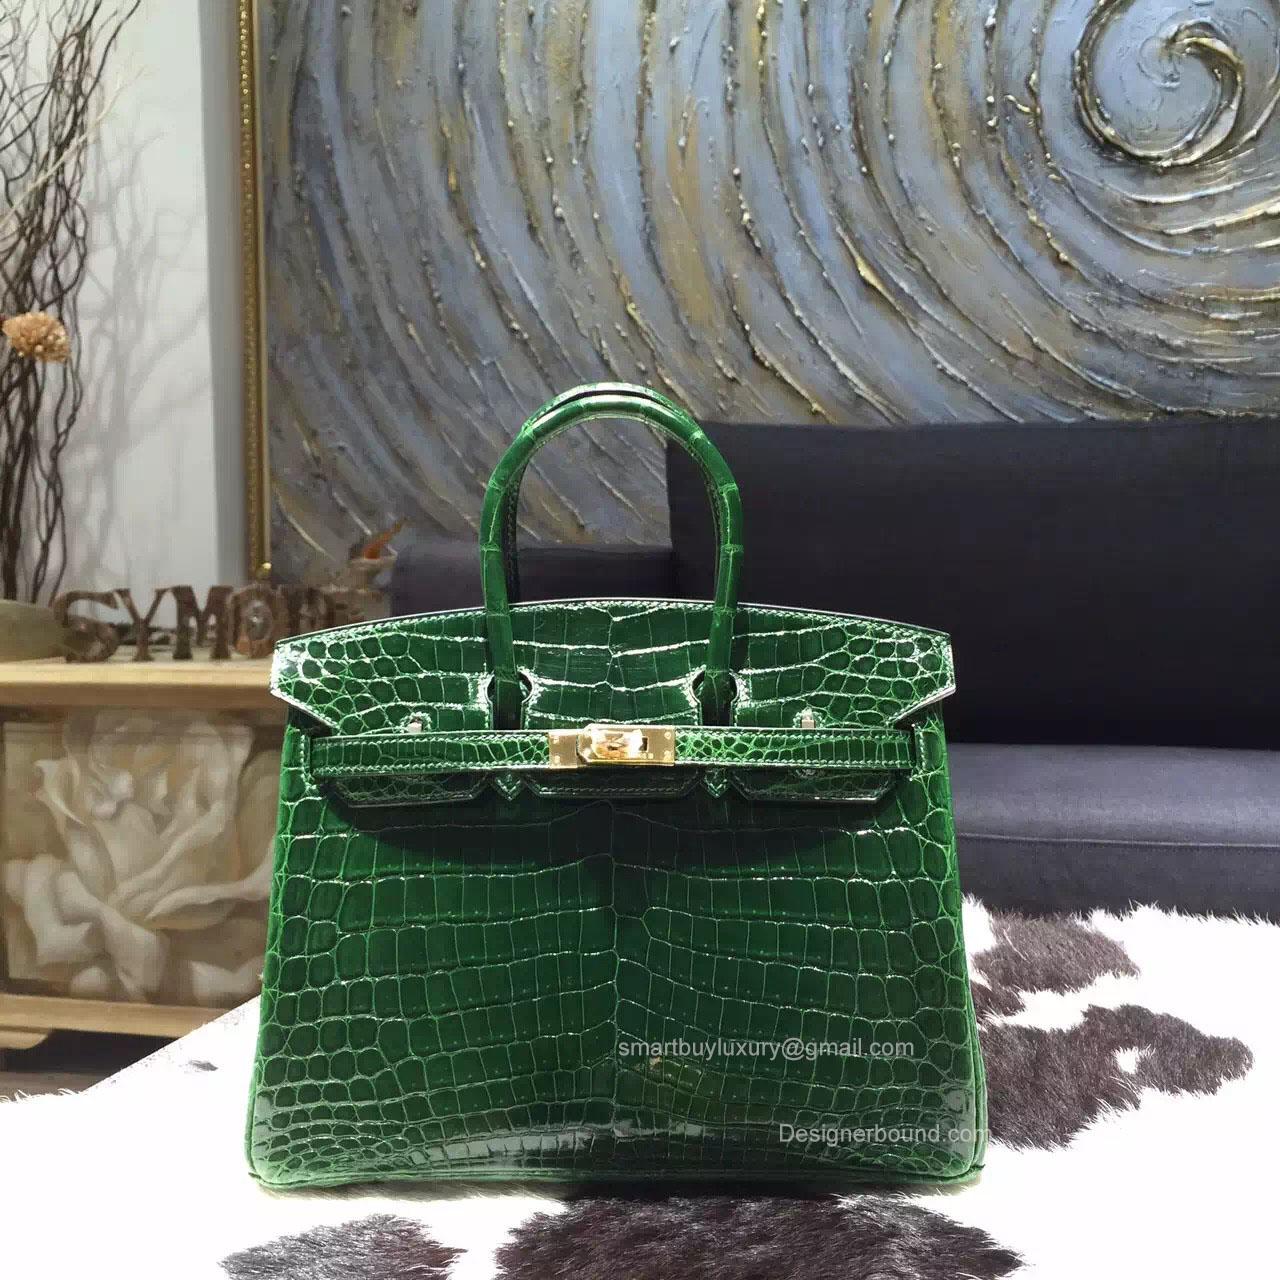 16fdcb28259 Hermes Birkin 25 Bag Vert Fonce Crocodile Leather Handstitched Gold hw ...